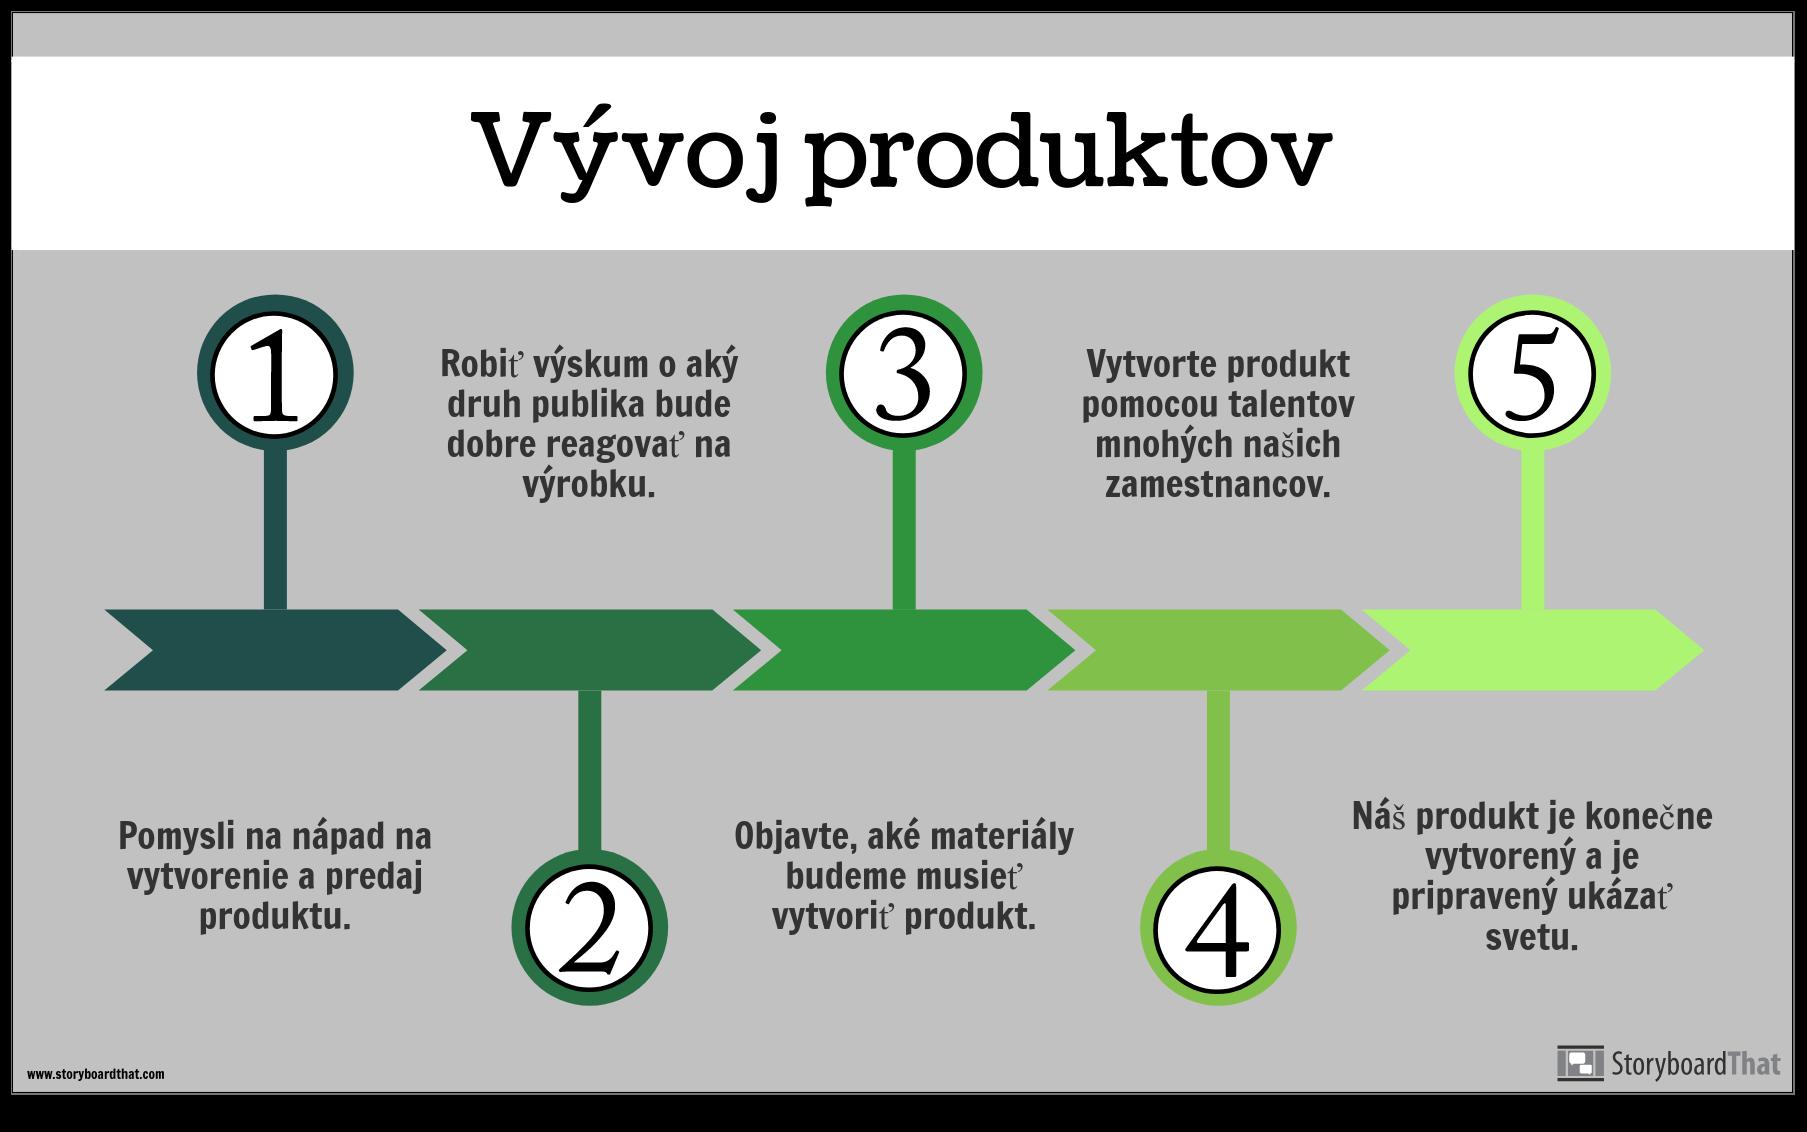 Informačný Príklad Produktu Dev